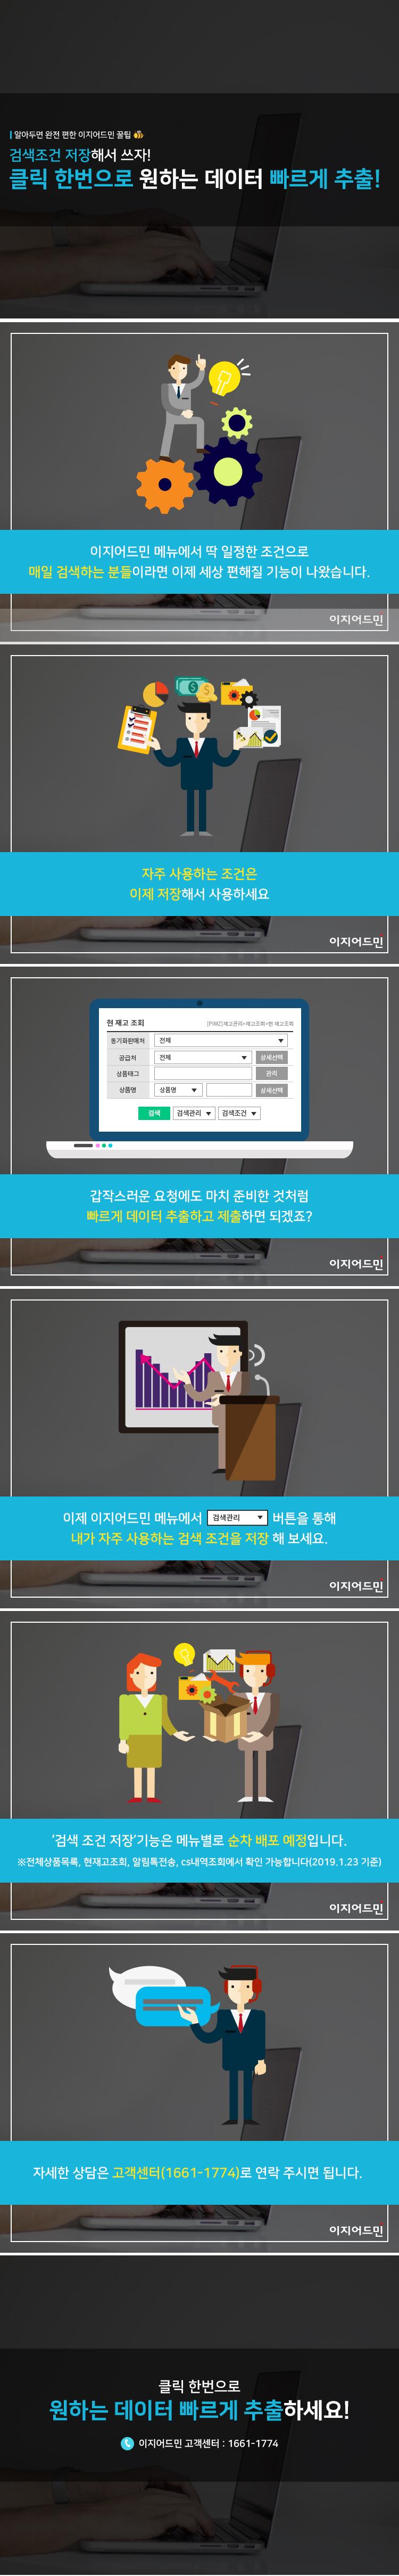 0123_검색조건저장_카드뉴스